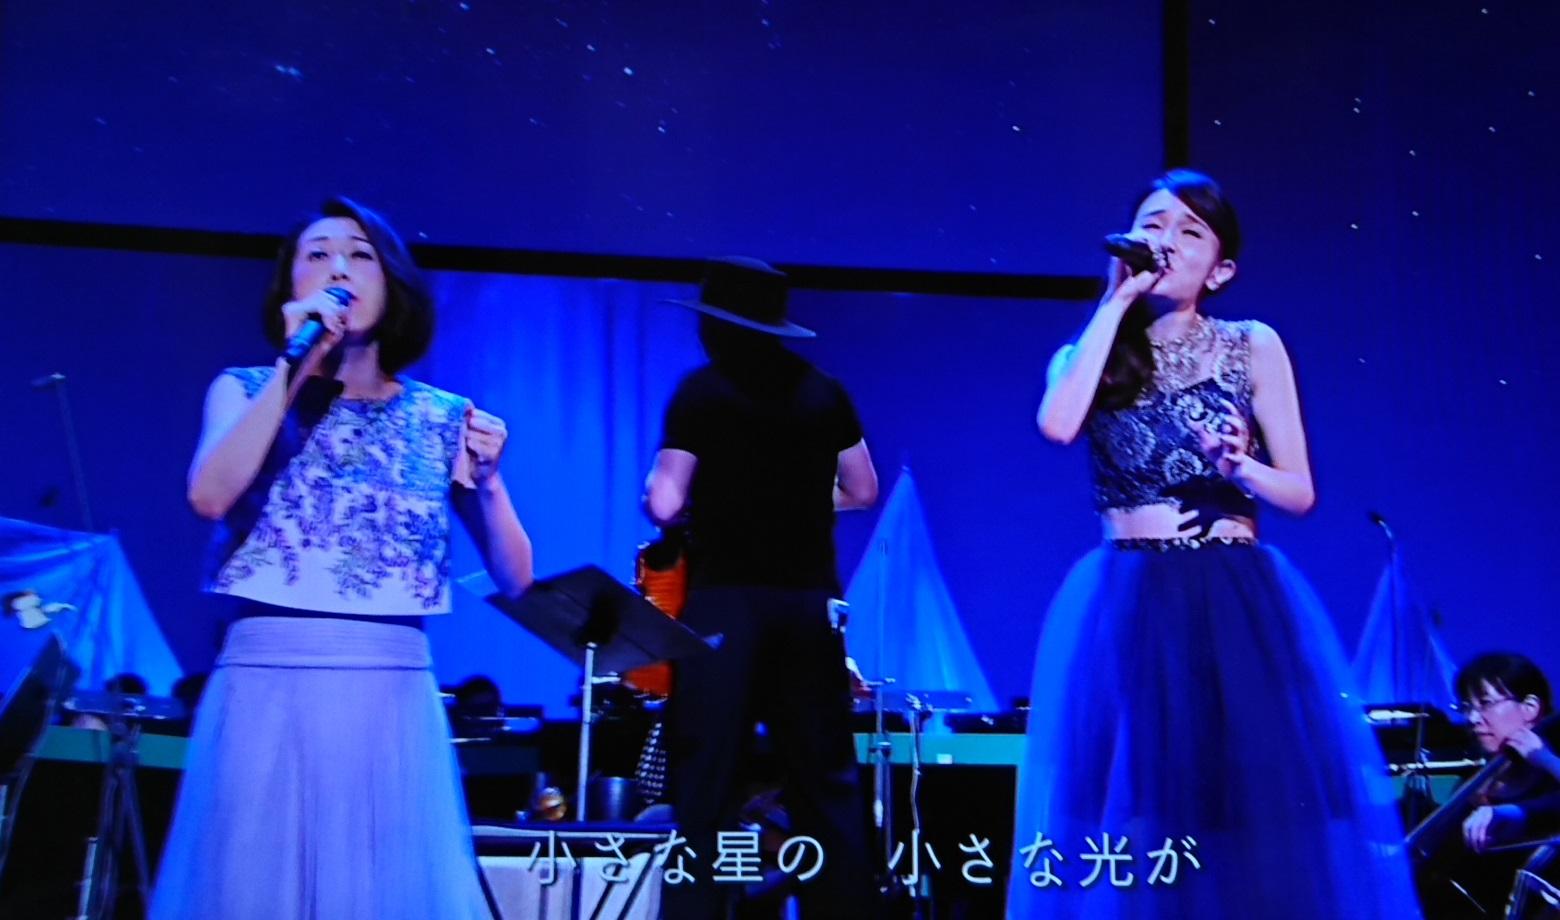 2016.10.23 メイジェイさんと一青窈さん♪ (3) 1560-920